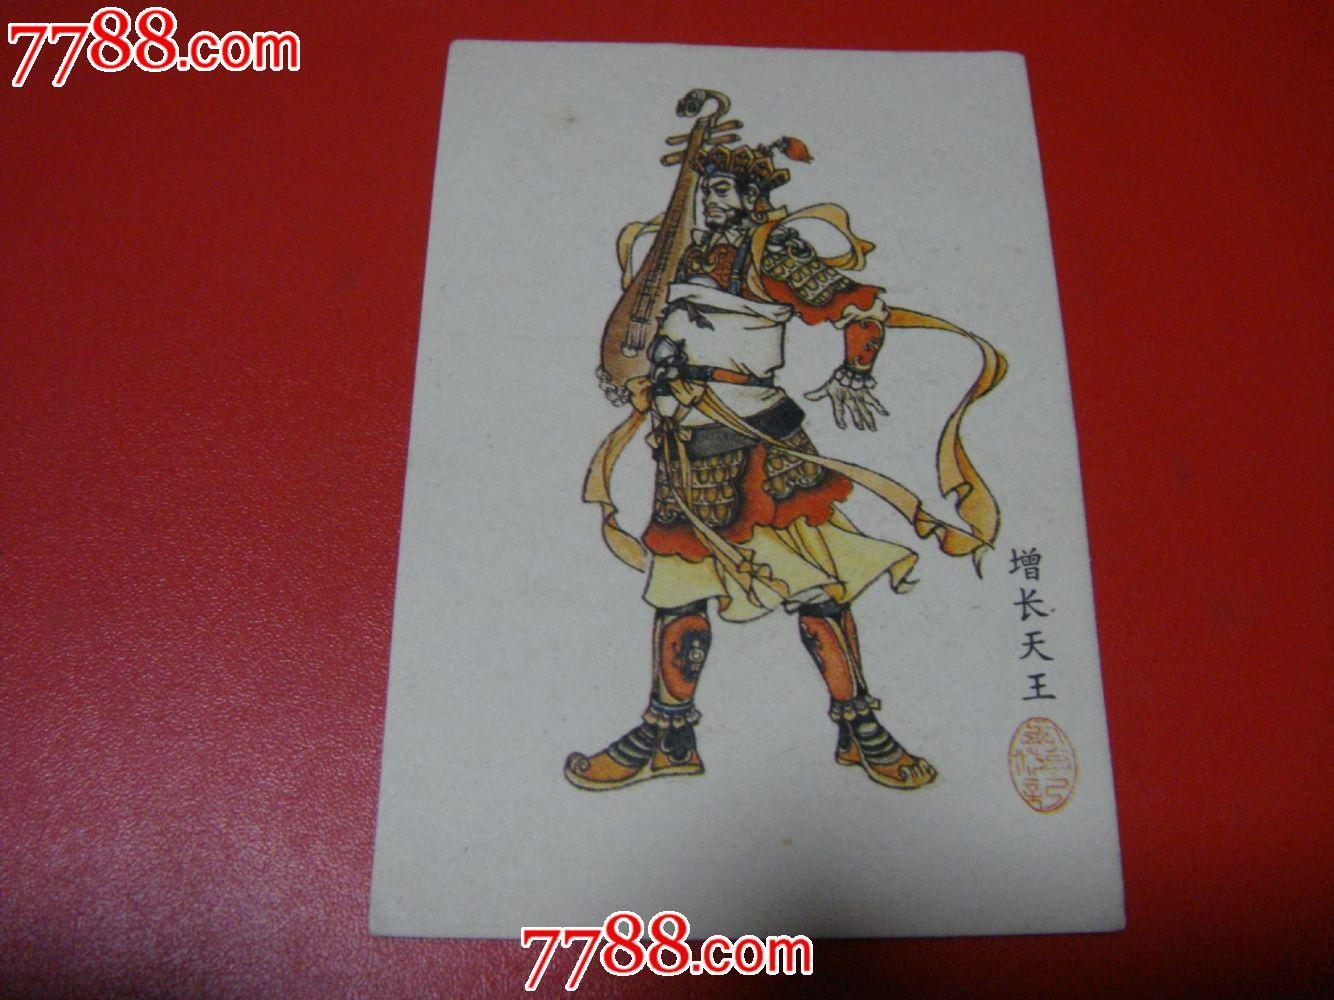 8万册【西游记绣像~陈安民/绘画】128开_价格5元_第1张_中国收藏热线图片